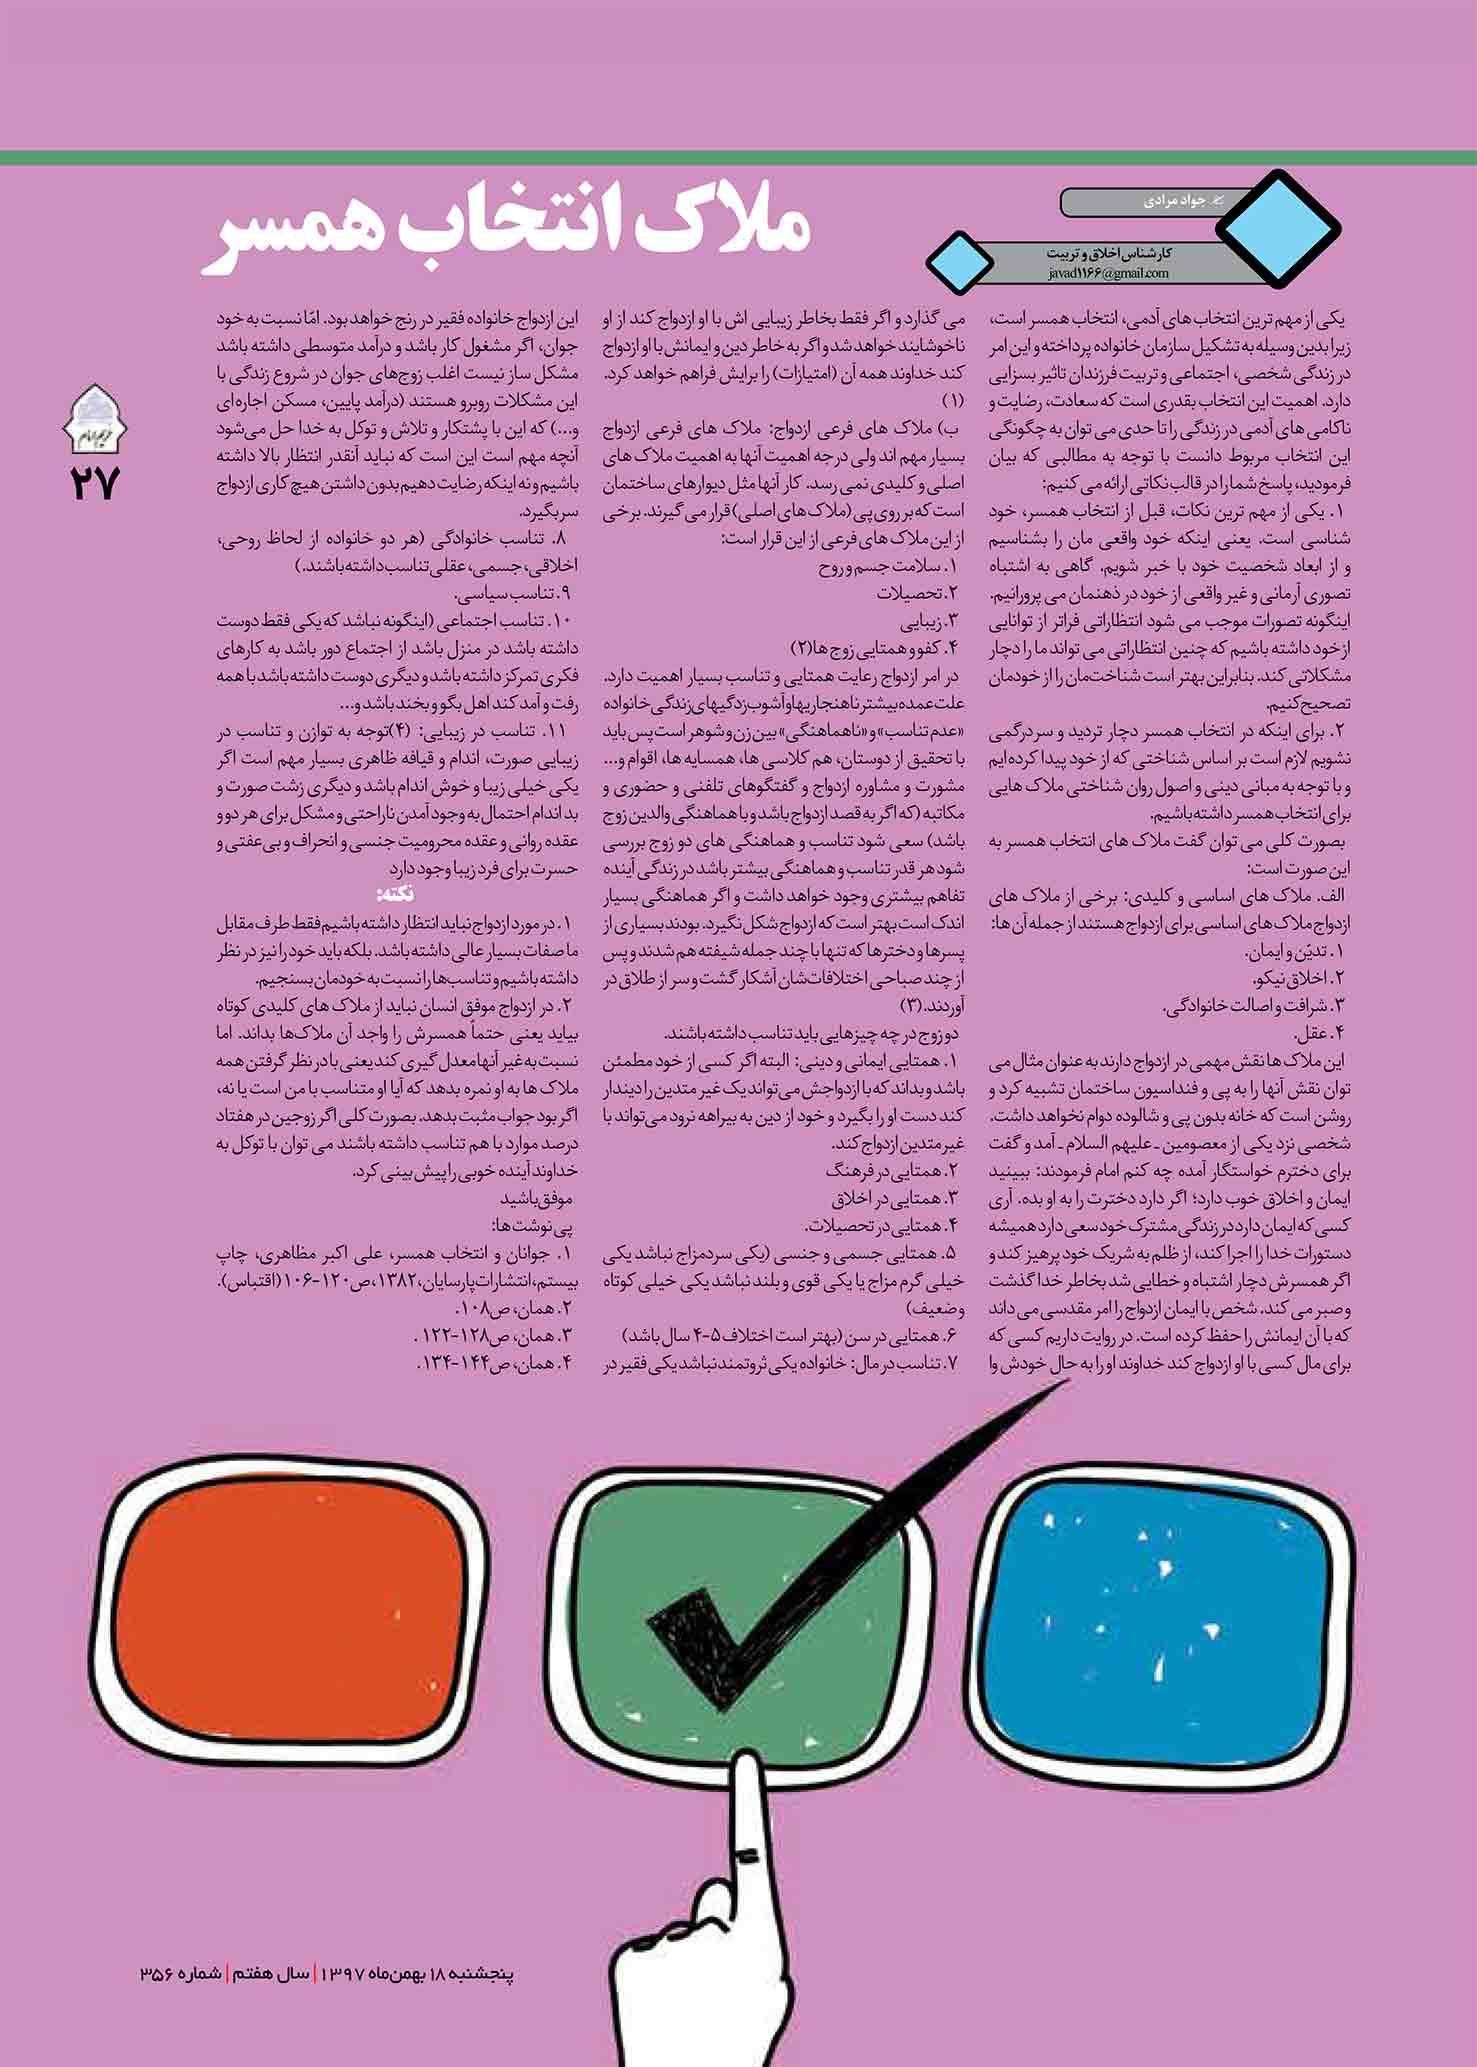 D:\خلوجینی\New folder\@harim_emam356-27.jpg